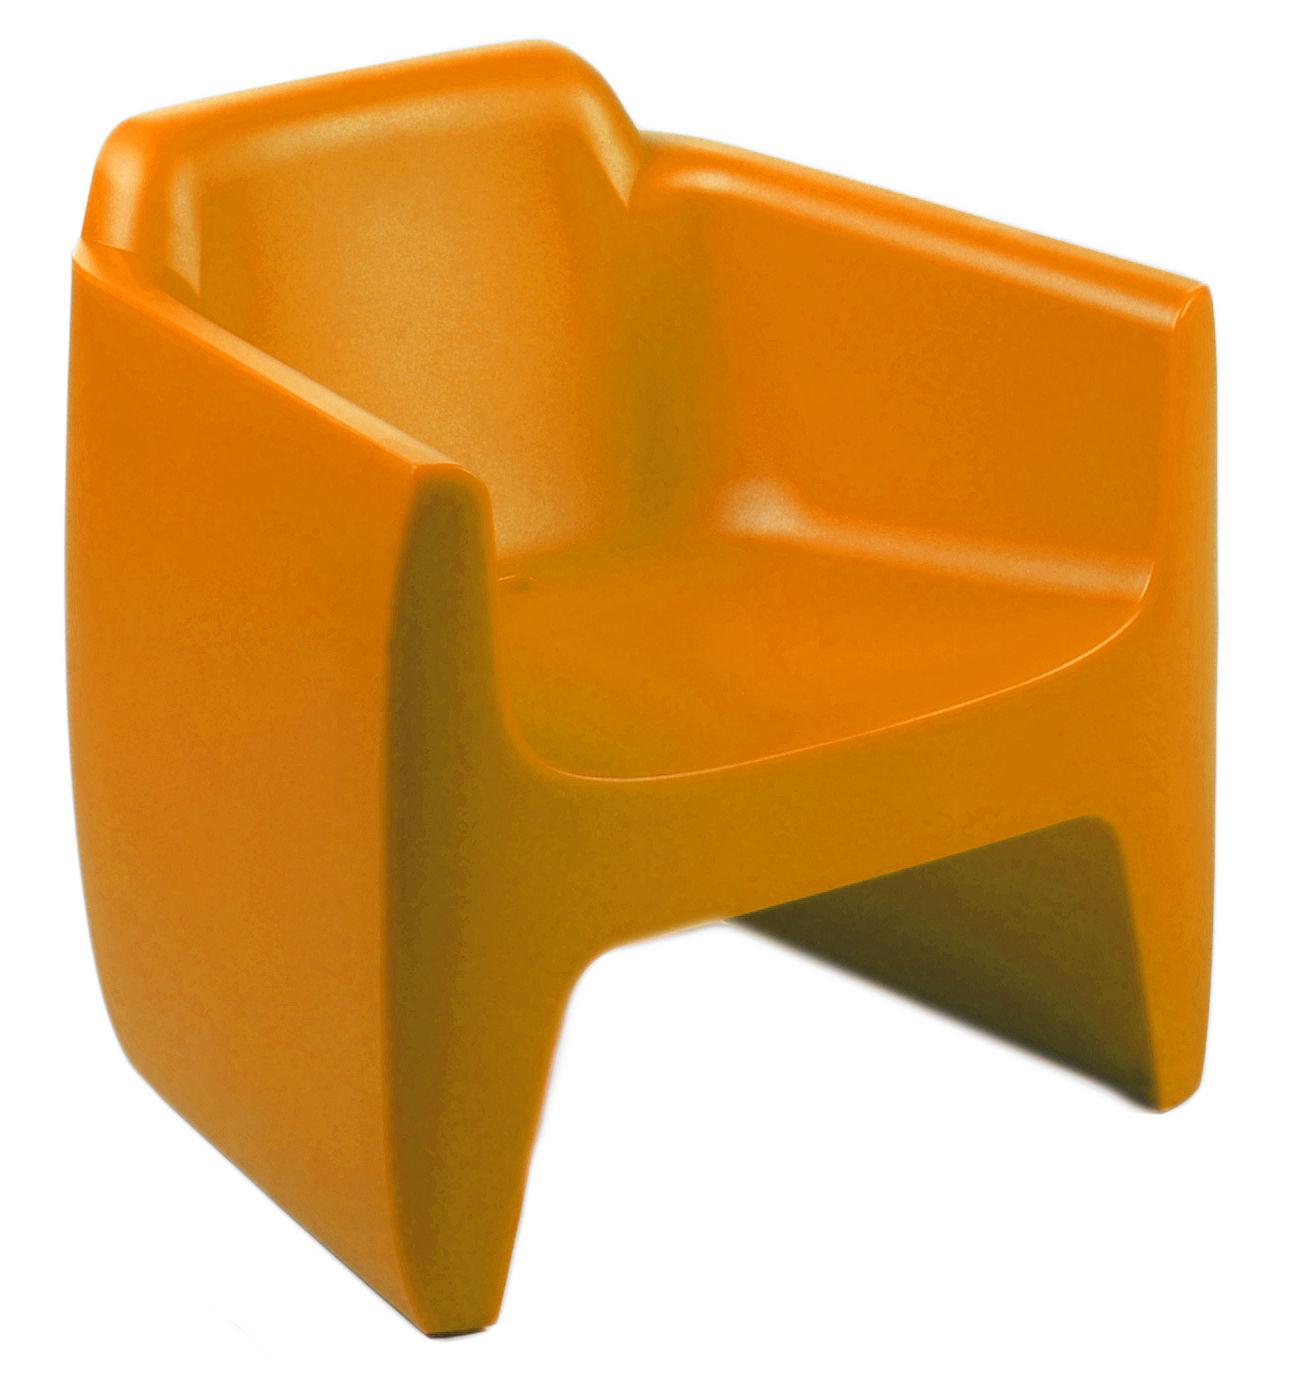 Mobilier - Mobilier Kids - Fauteuil enfant My First Translation - Qui est Paul ? - Orange - Polyéthylène